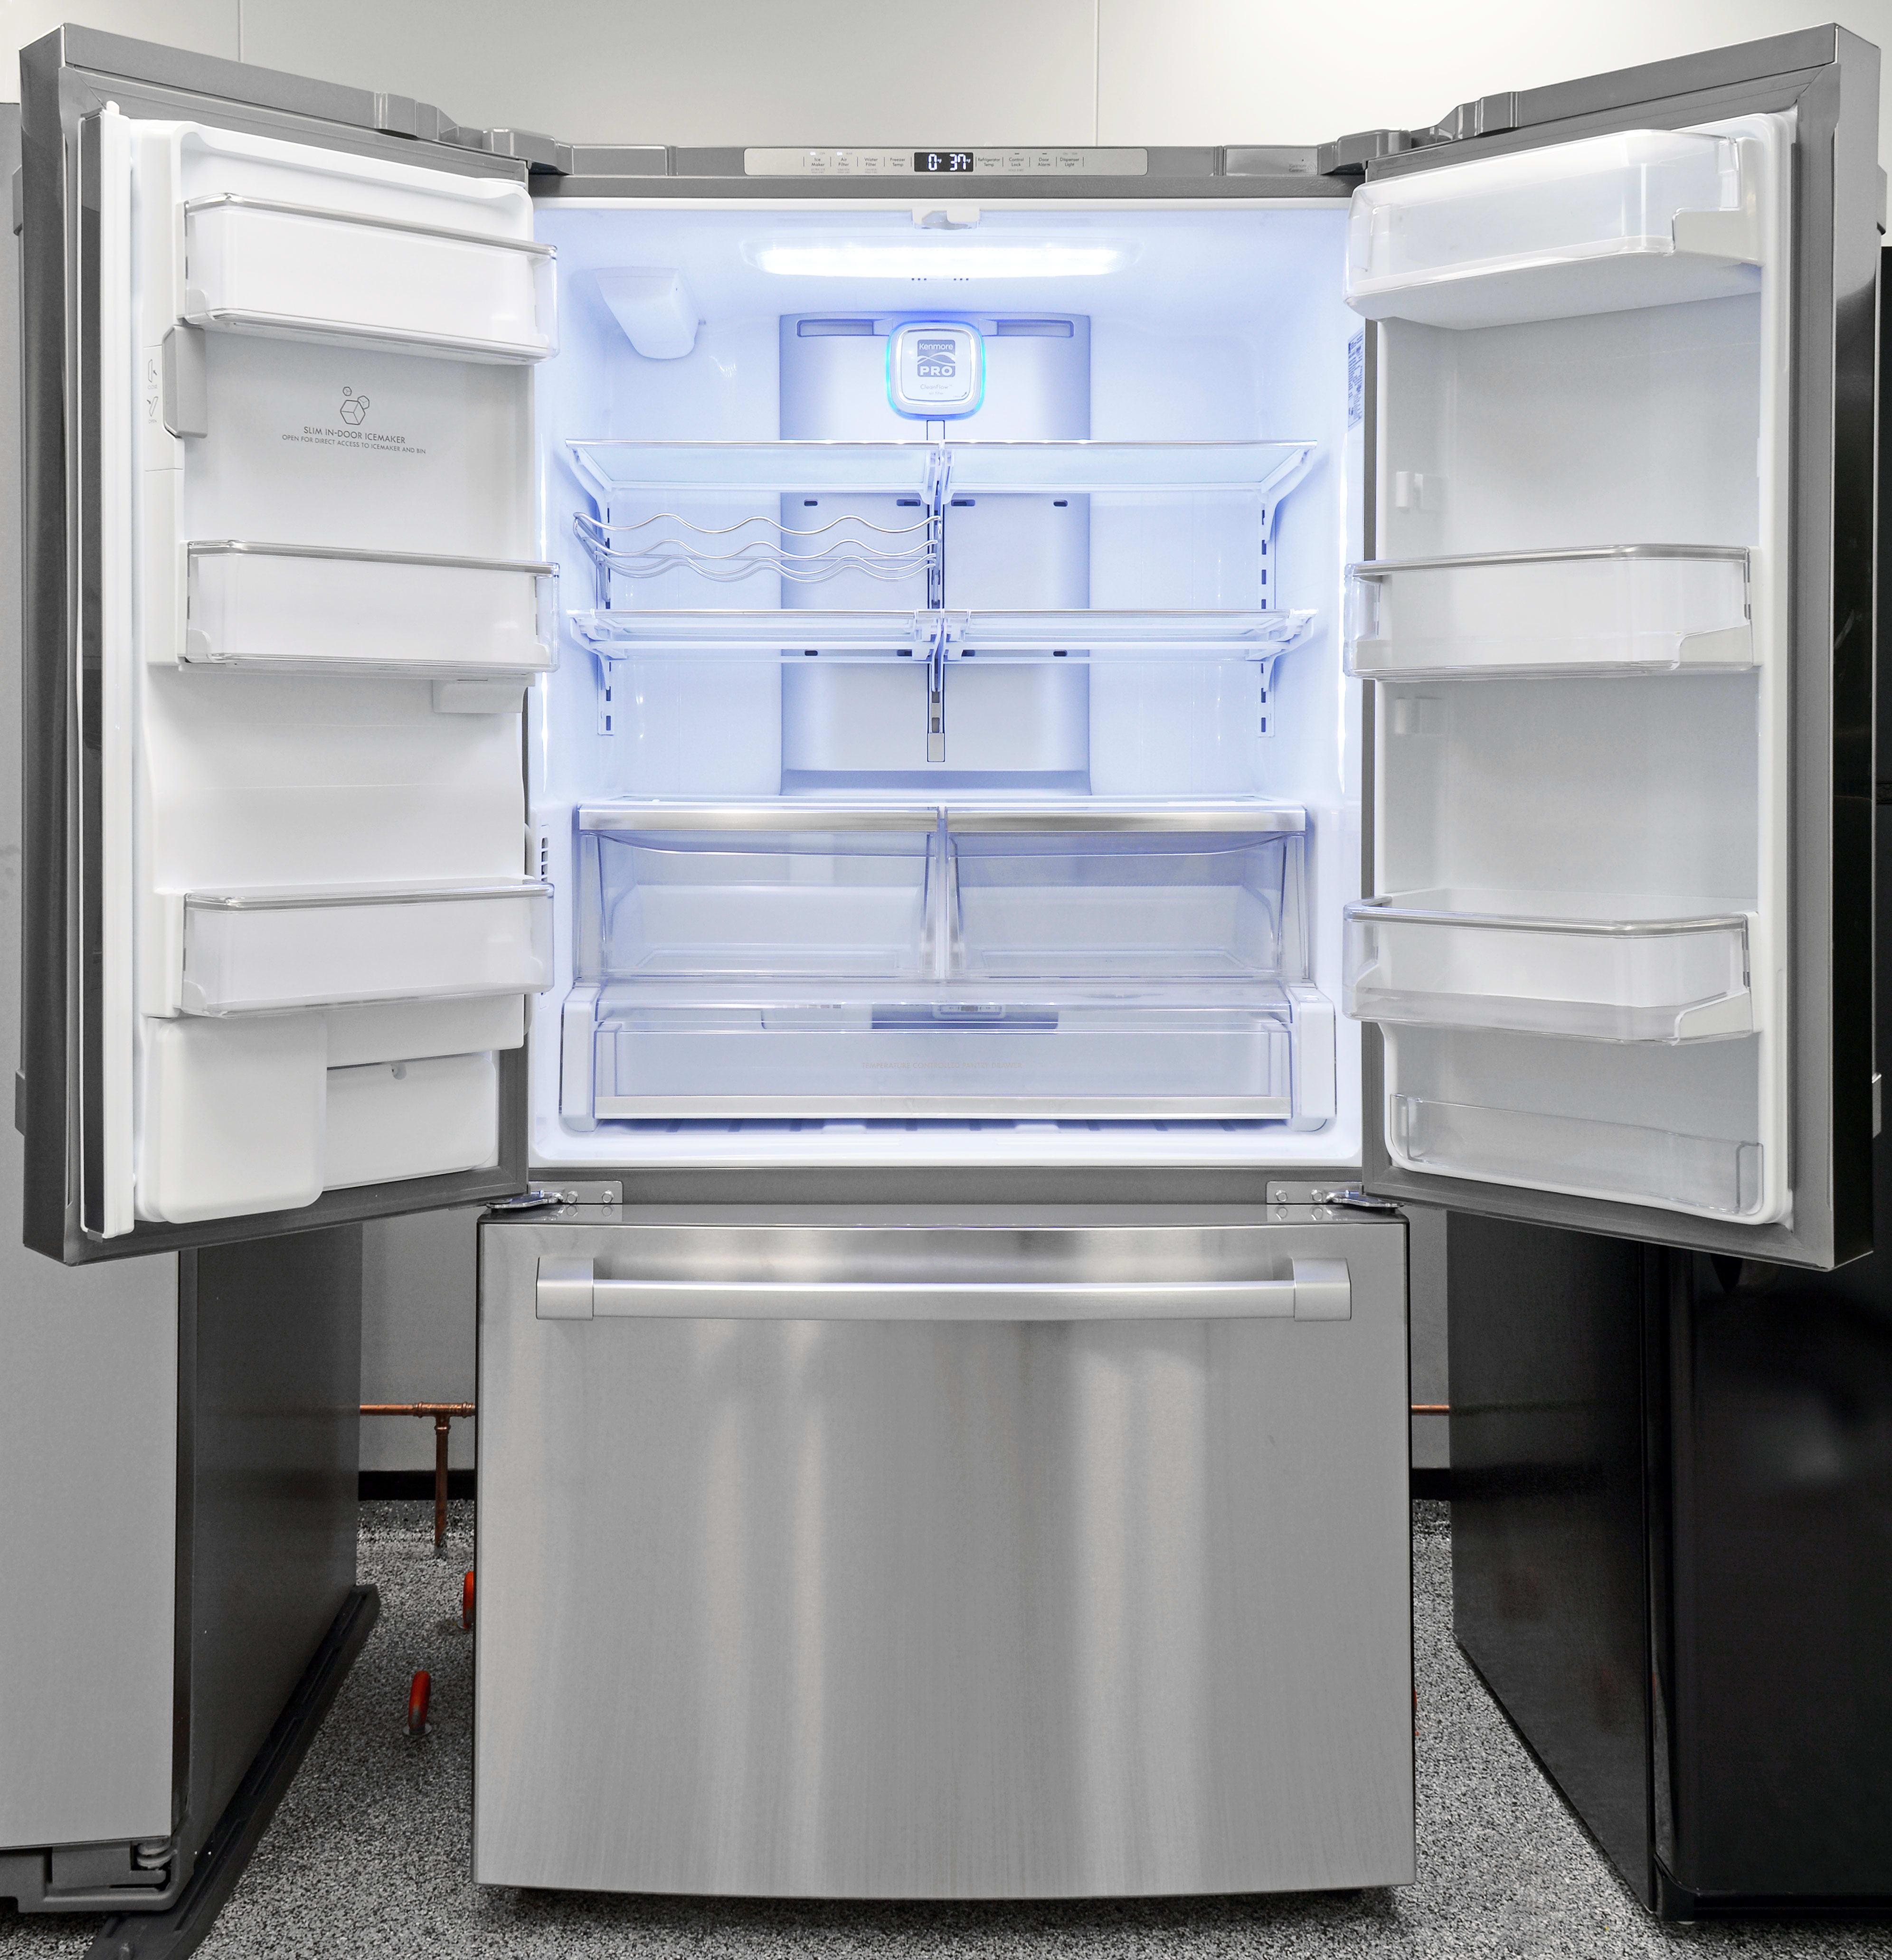 refrigerator display glass door rh cc equipment bev bakery product fogel p counter countertop top restaurant